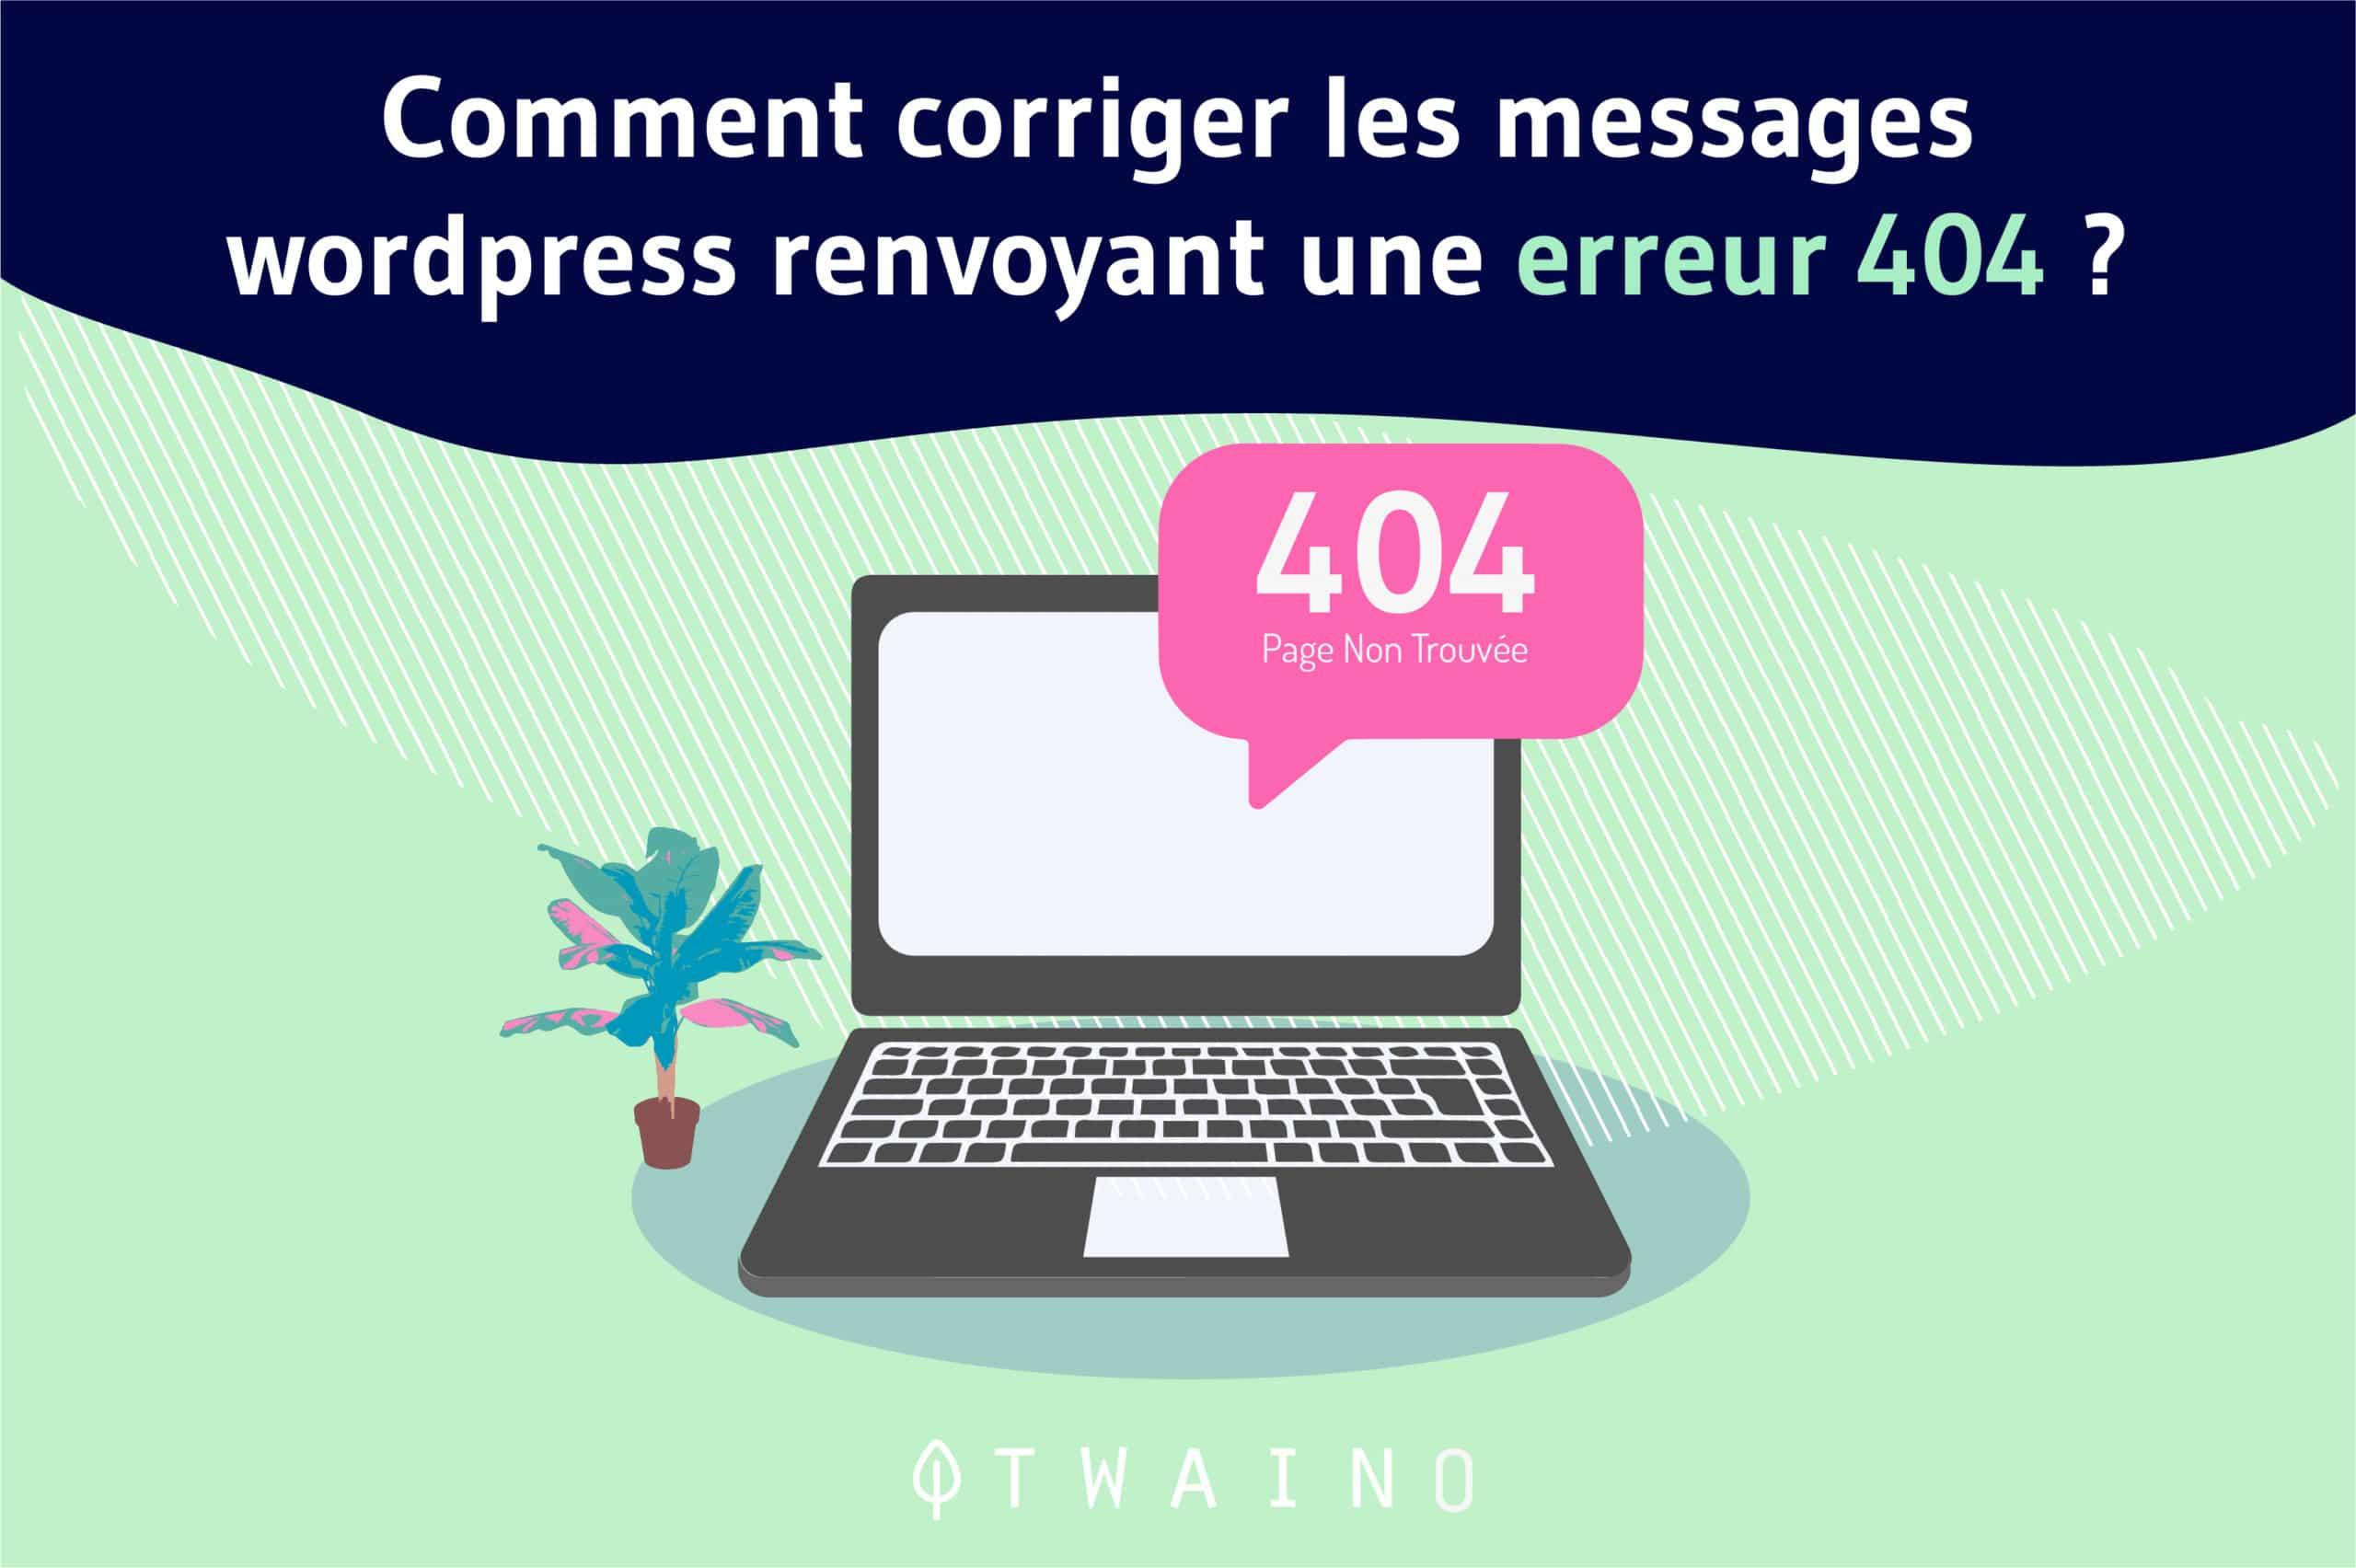 Comment Corriger les messages WordPress renvoyant une erreur 404